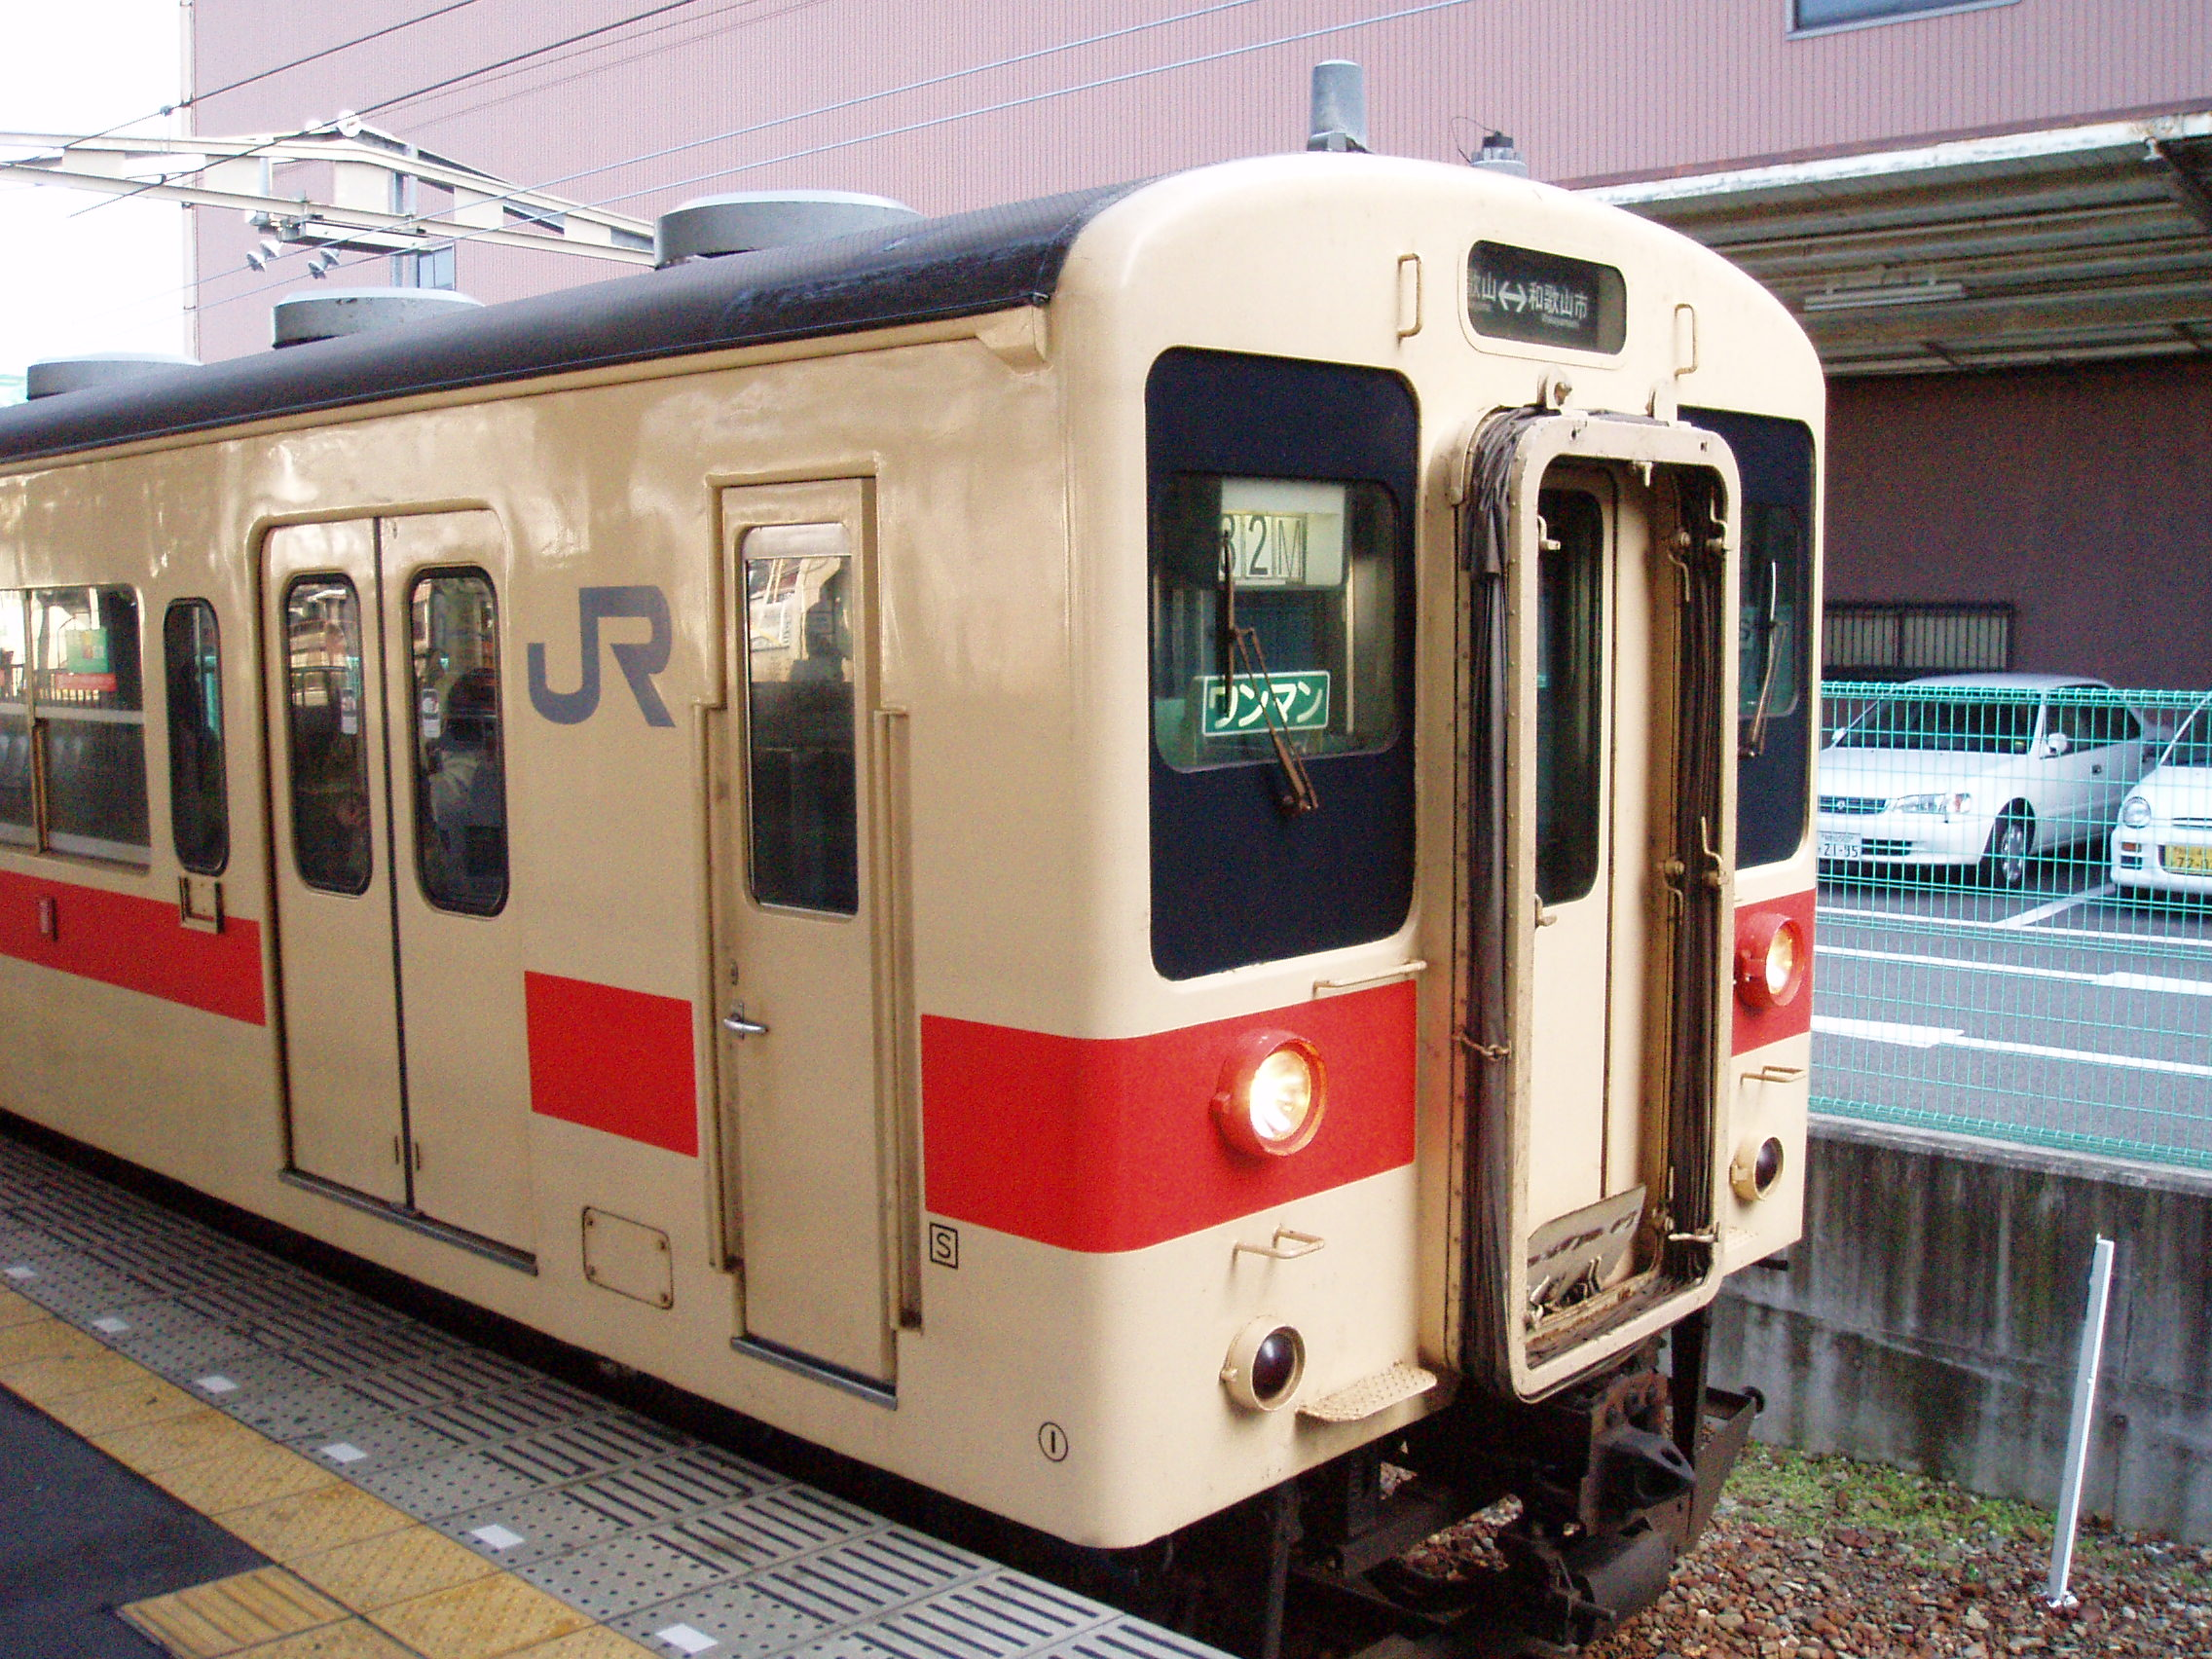 国鉄105系改造車 – JNR 105 Series